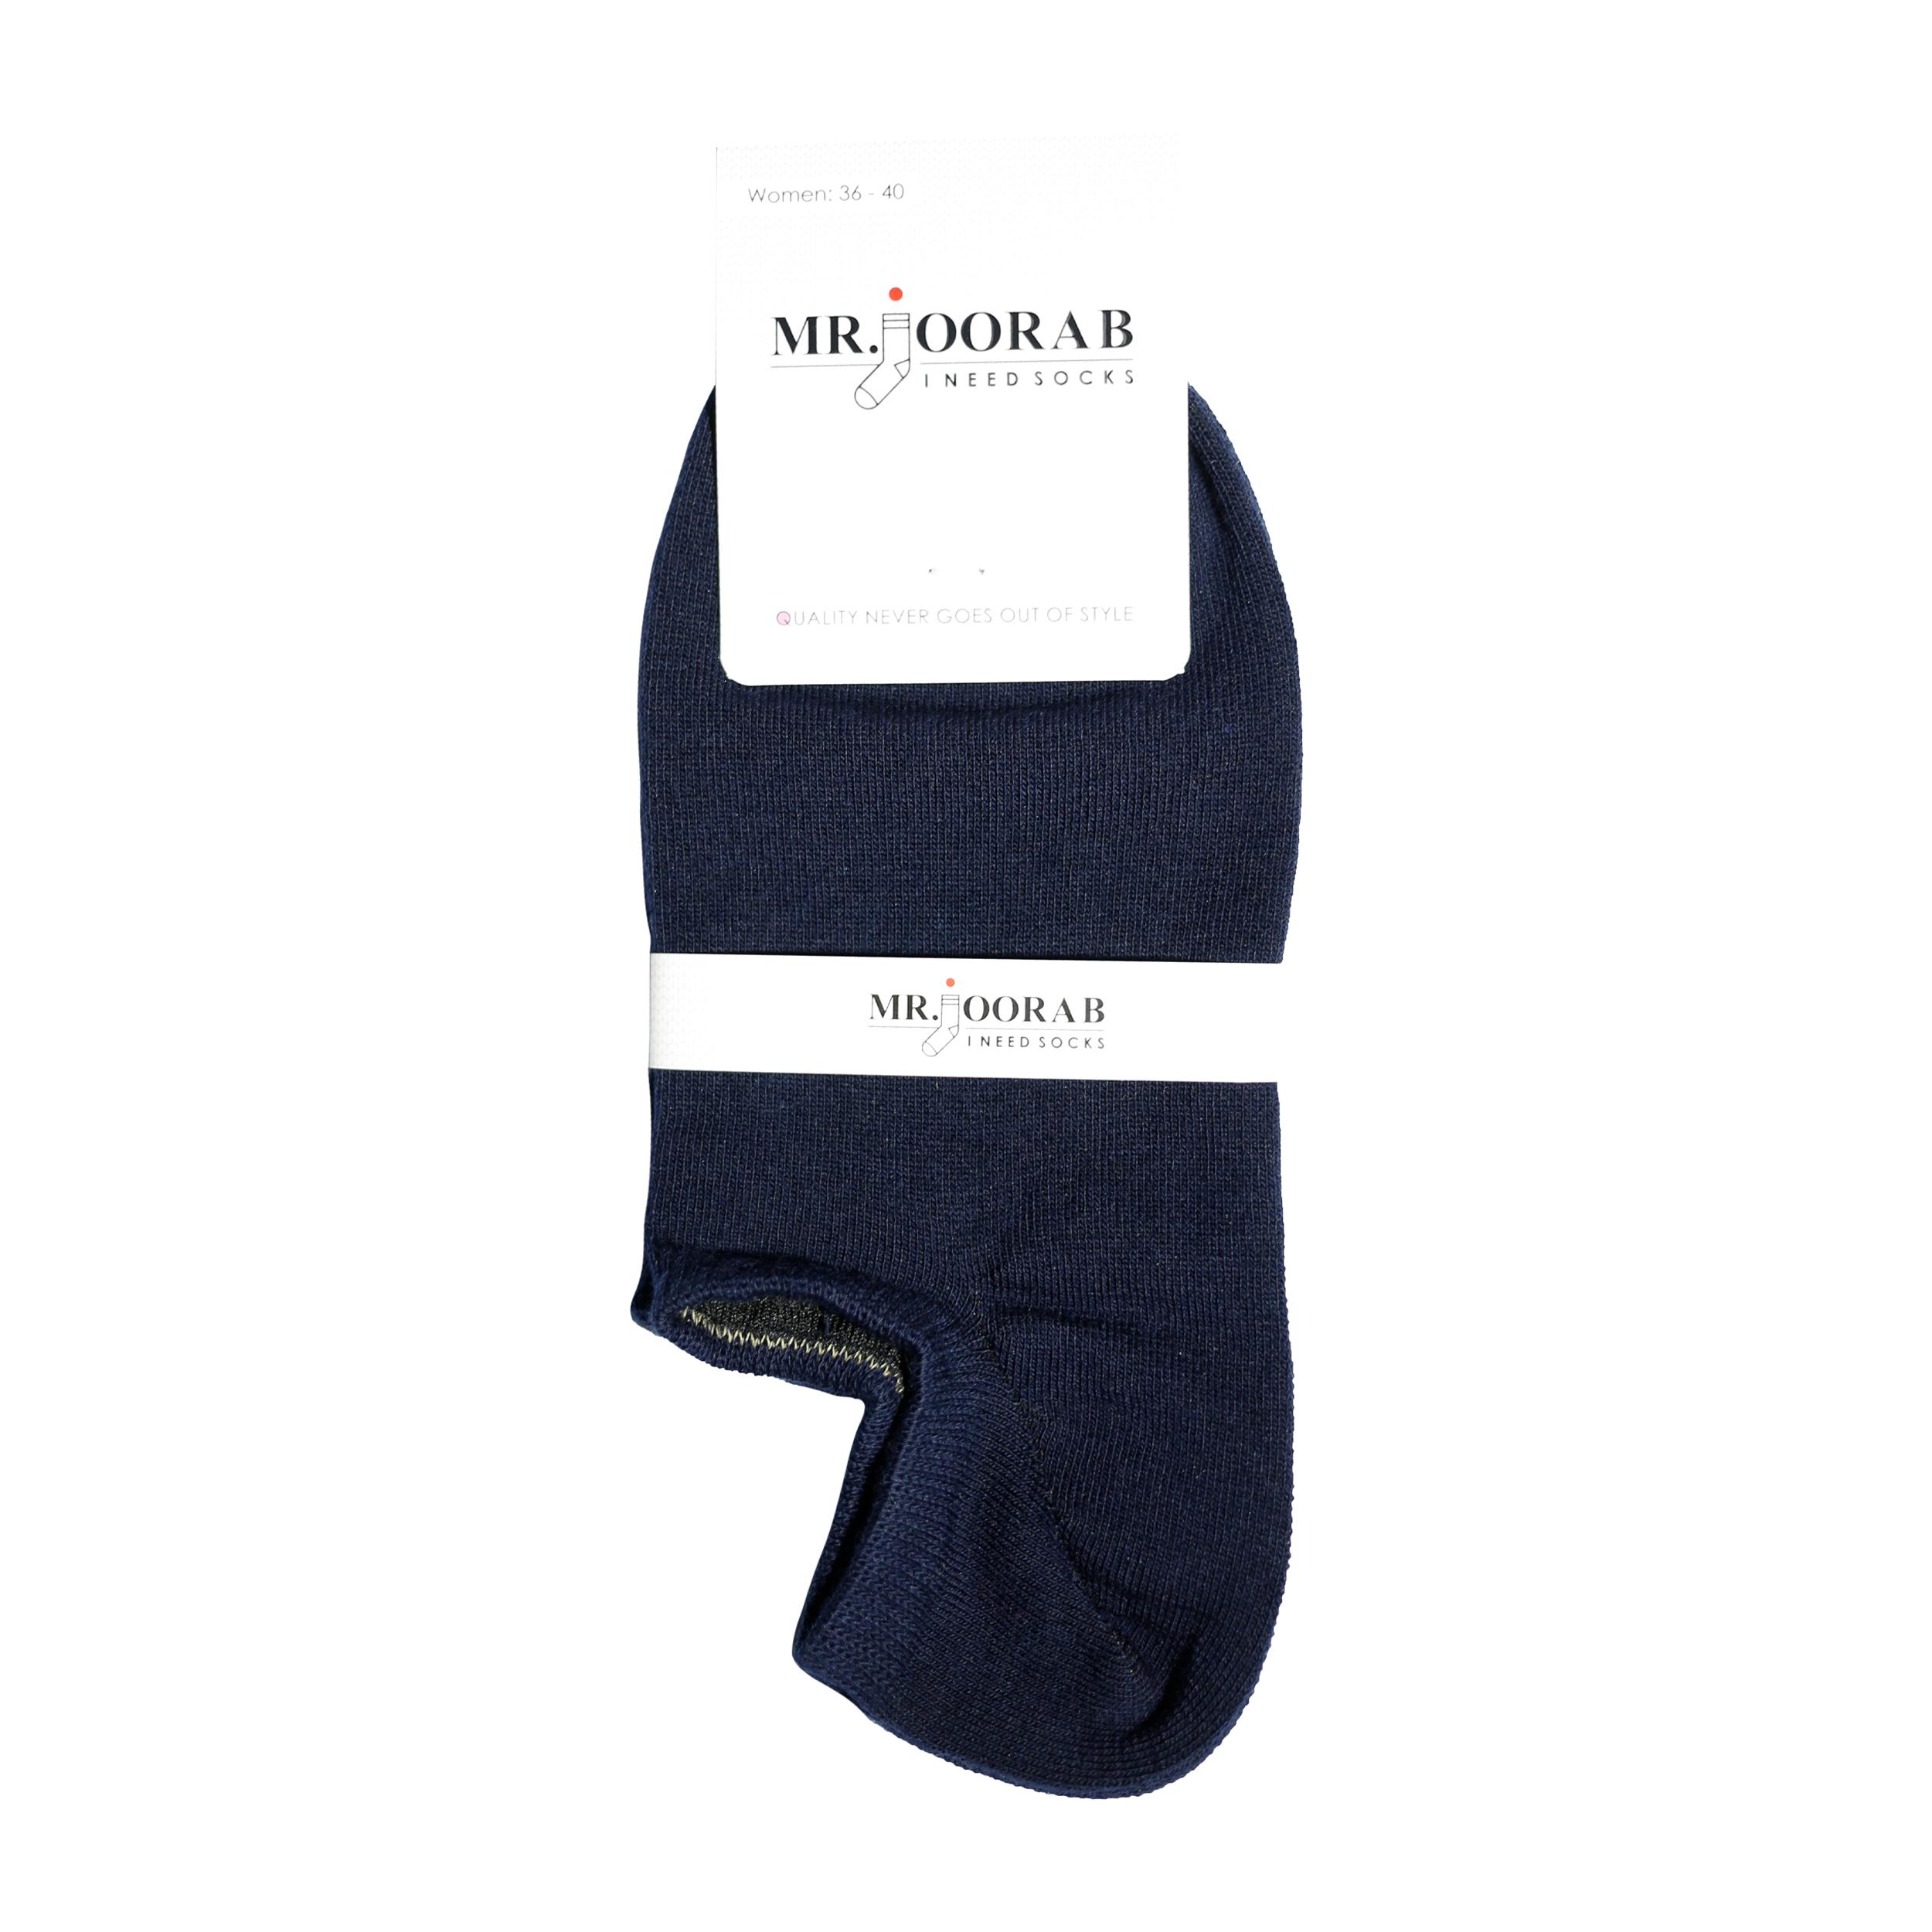 جوراب زنانه مستر جوراب کد BL-MRM 212 بسته 3 عددی -  - 3